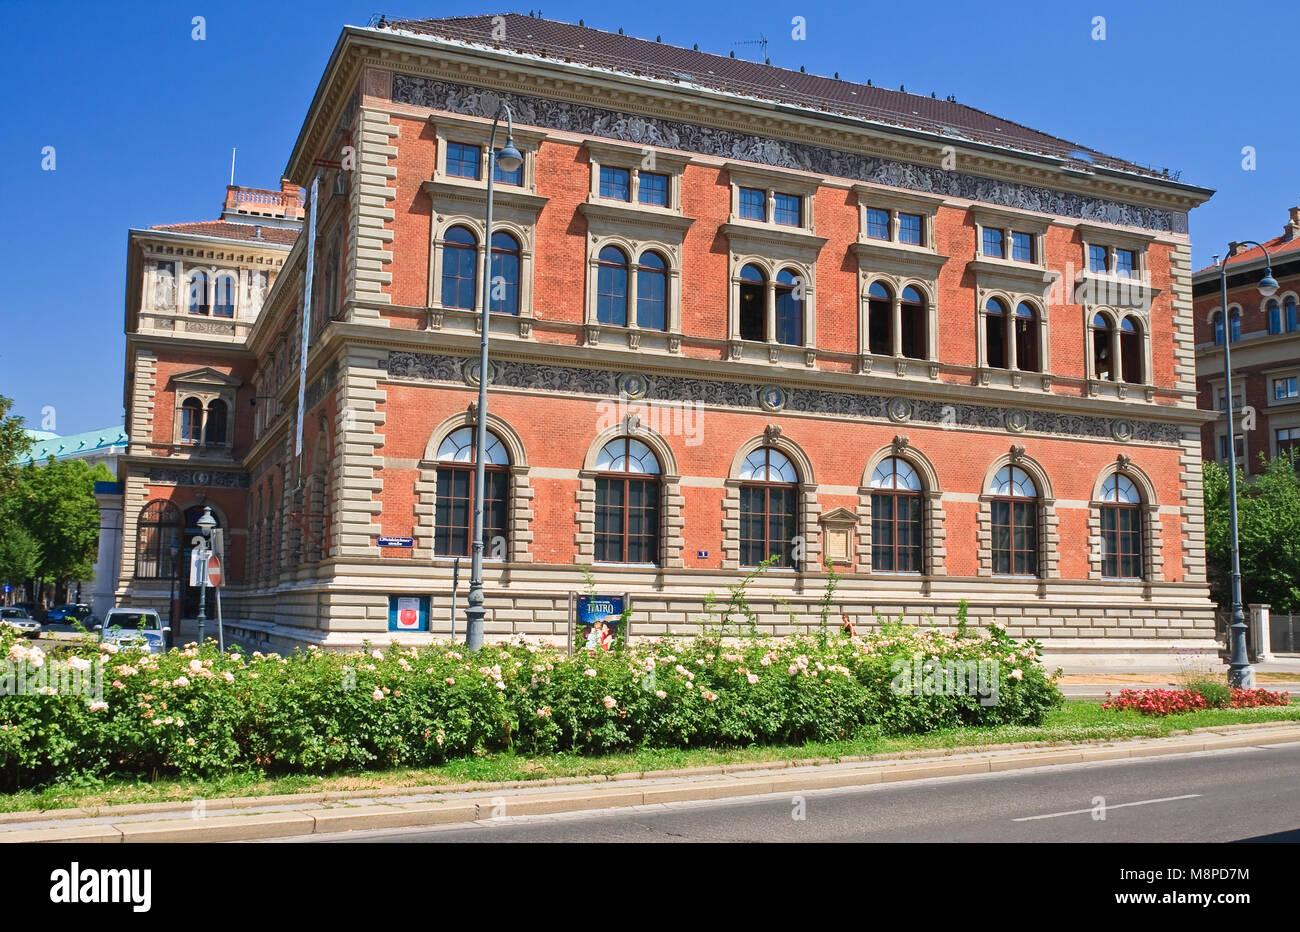 Building Austrian Museum of Applied Arts (Osterreichische Museum fur Angewandte Kunst). Vienna, Austria - Stock Image